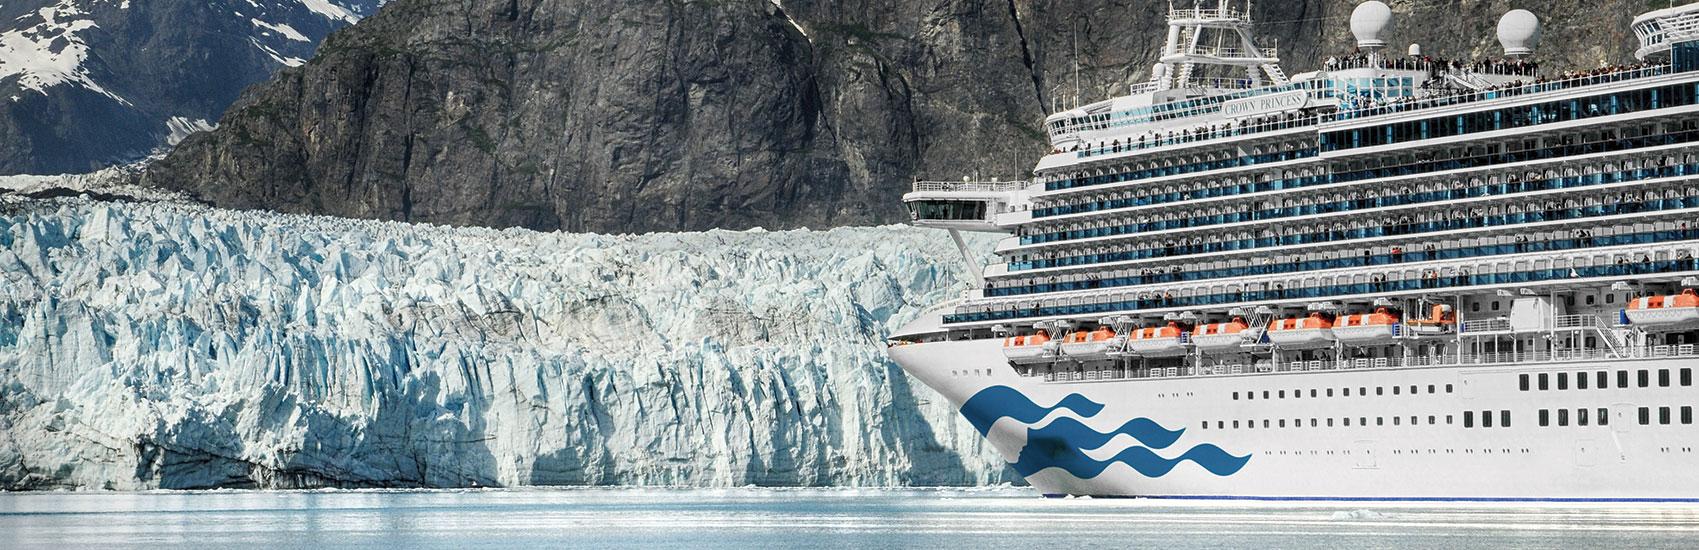 Alaska Adventures Await with Princess Cruises 0